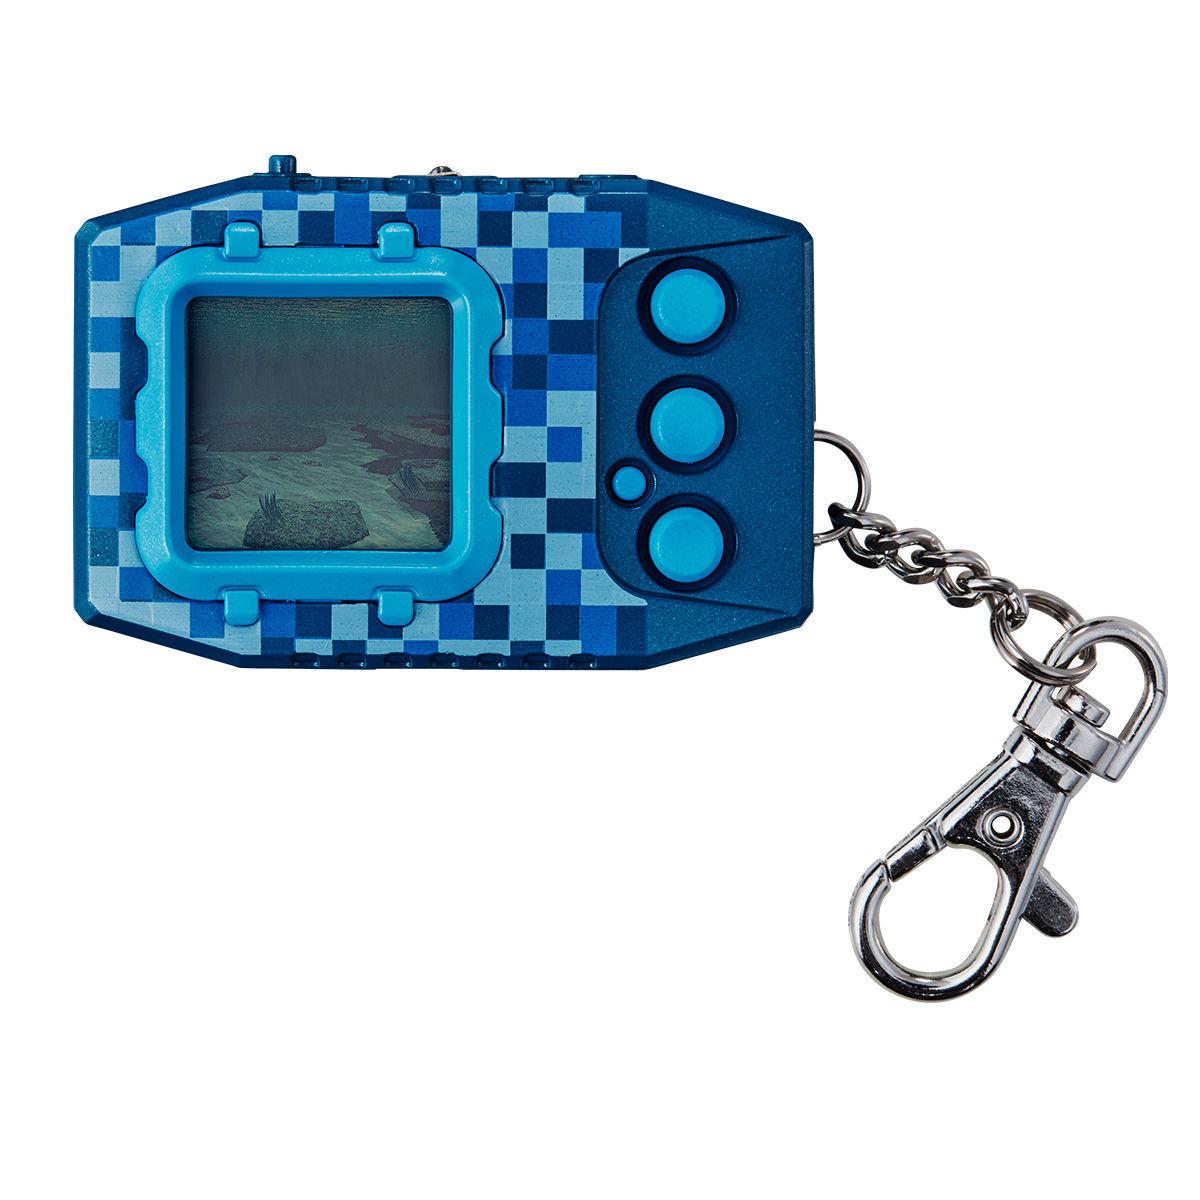 【限定販売】デジタルモンスター『デジモンペンデュラムZ』携帯型液晶育成ゲーム-008